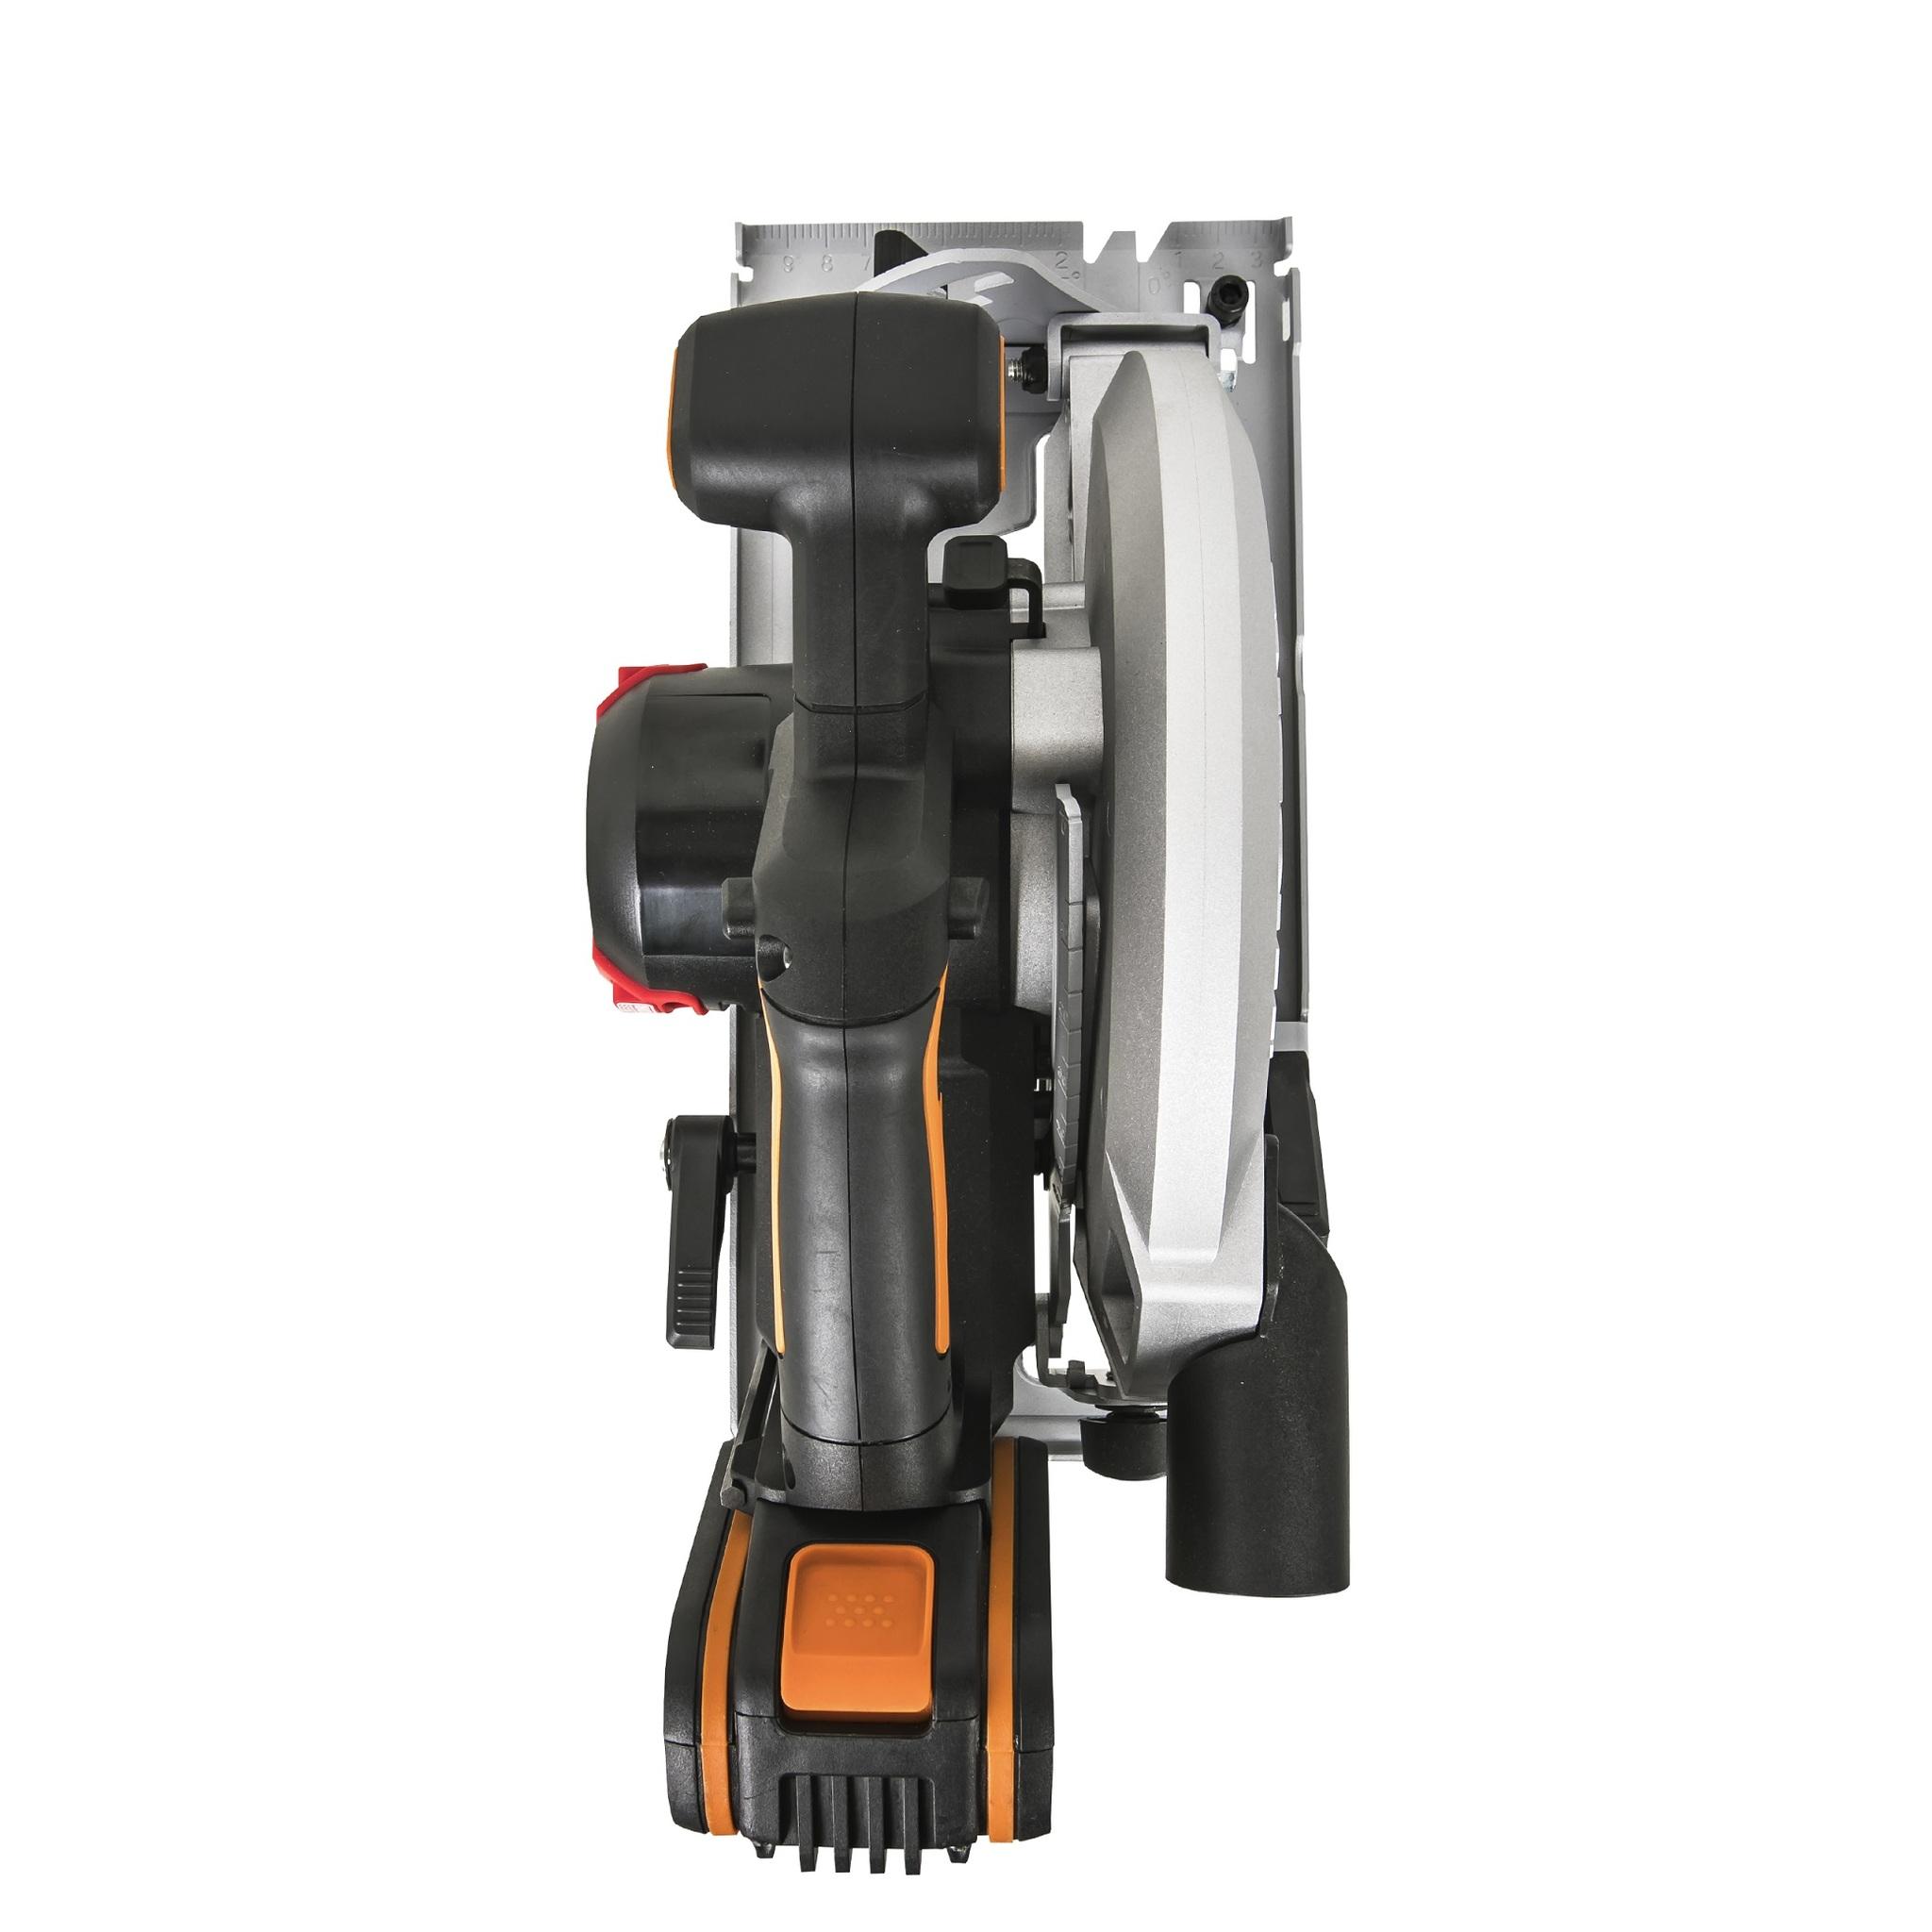 Циркулярная пила аккумуляторная бесщеточная WORX WX520, 20В 190 мм, 4Ач х1, ЗУ 2А, сумка, коробка